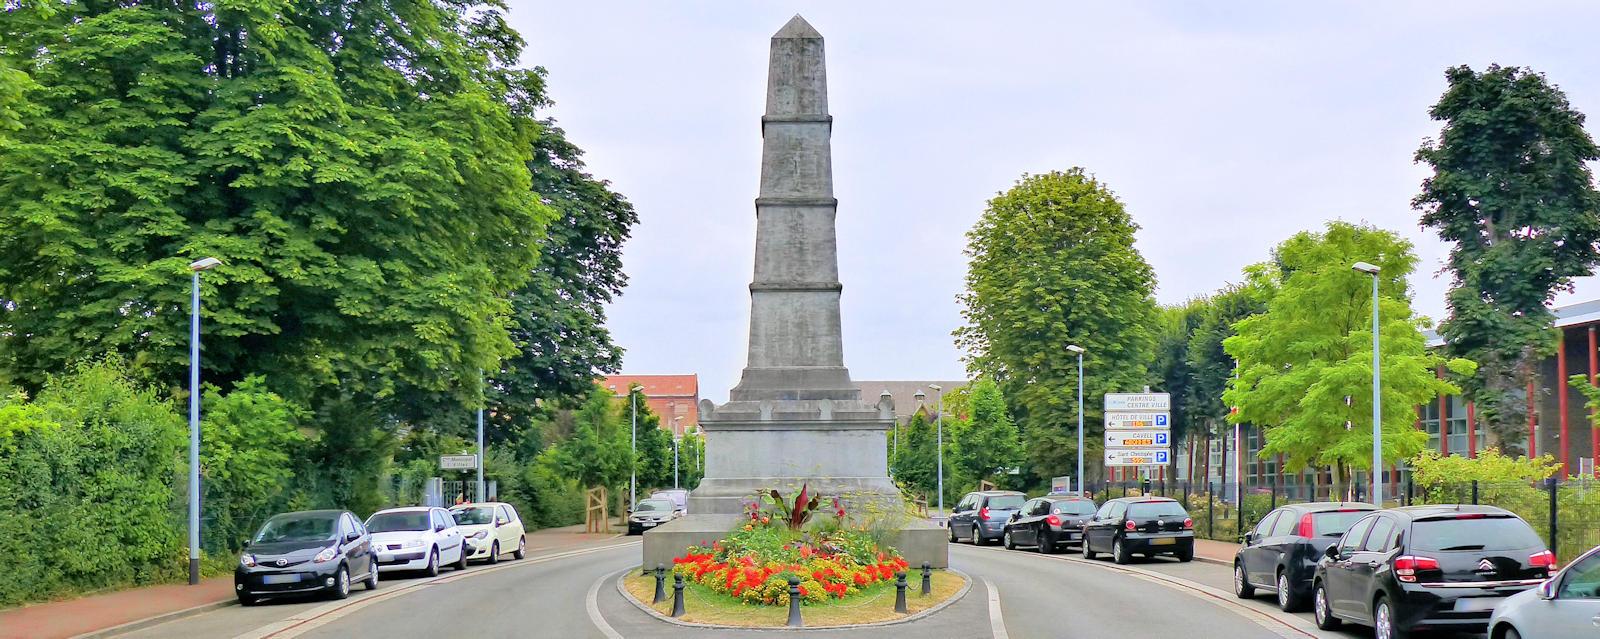 Bataille de Tourcoing - Monument commémoratif, rue Jean Millet, Tourcoing.